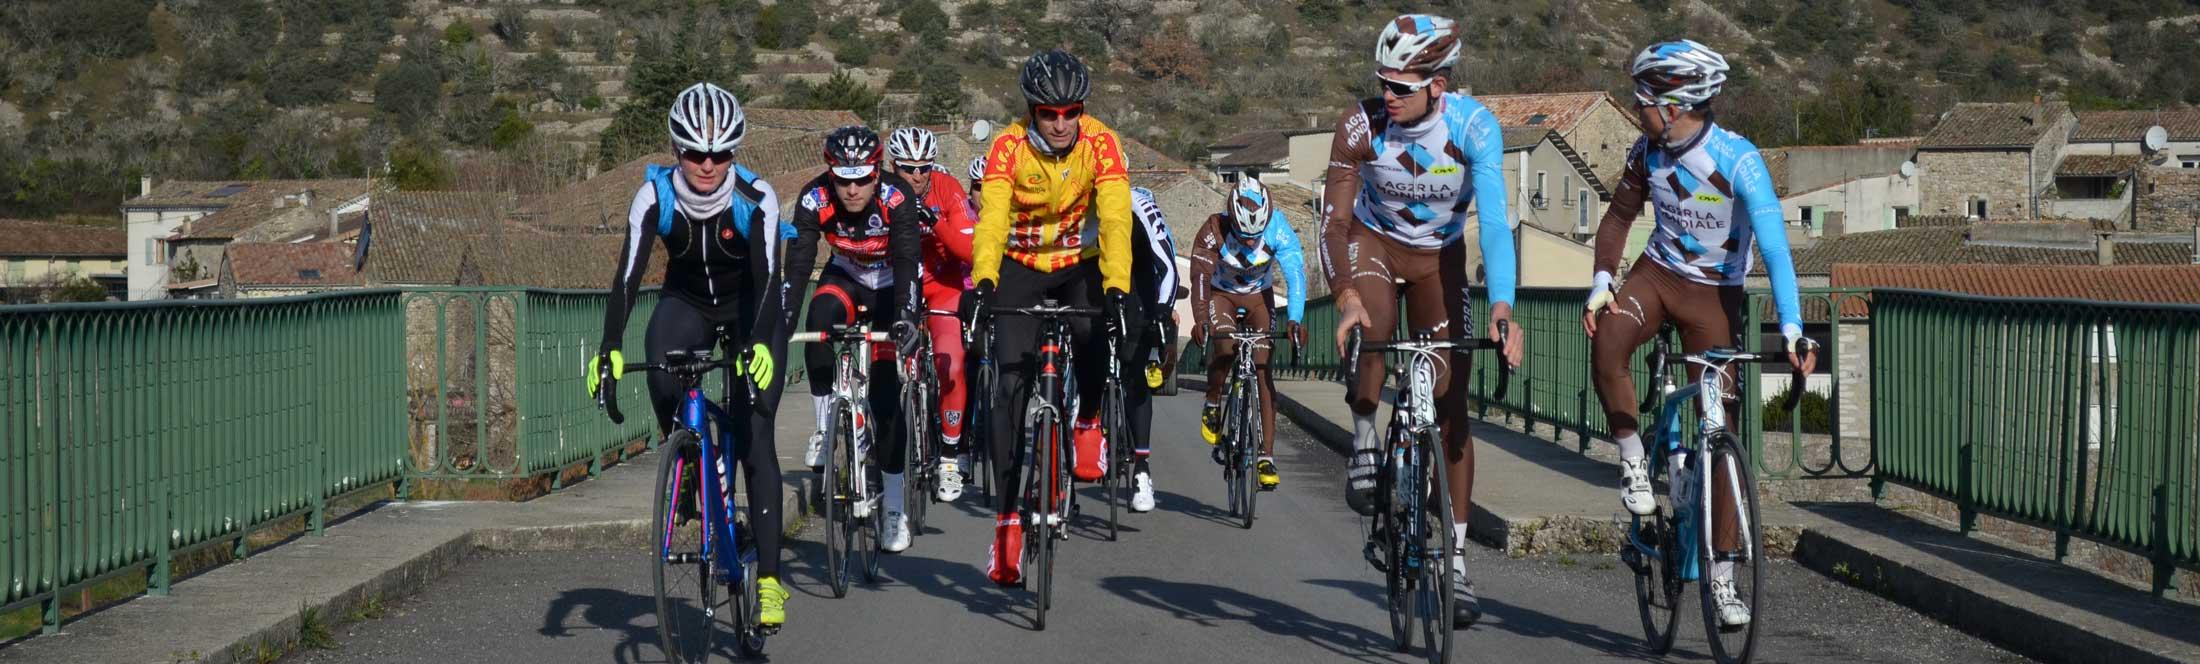 Stage cyclisme équipe AG2R La Mondiale